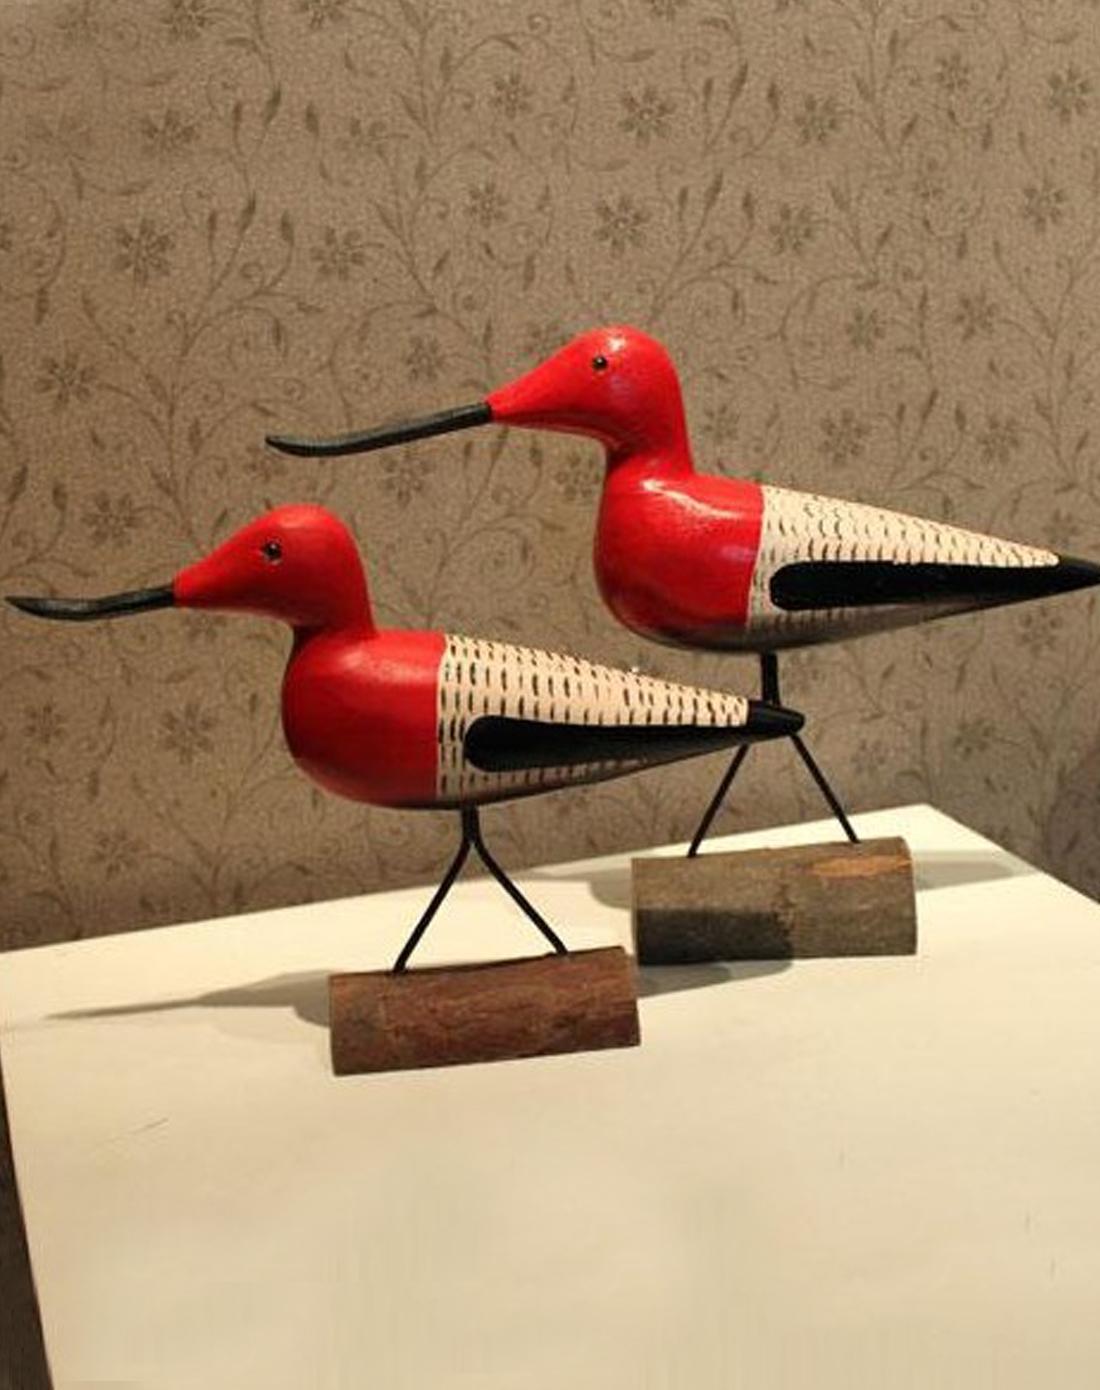 尖嘴鸟地中海手工木质工艺品